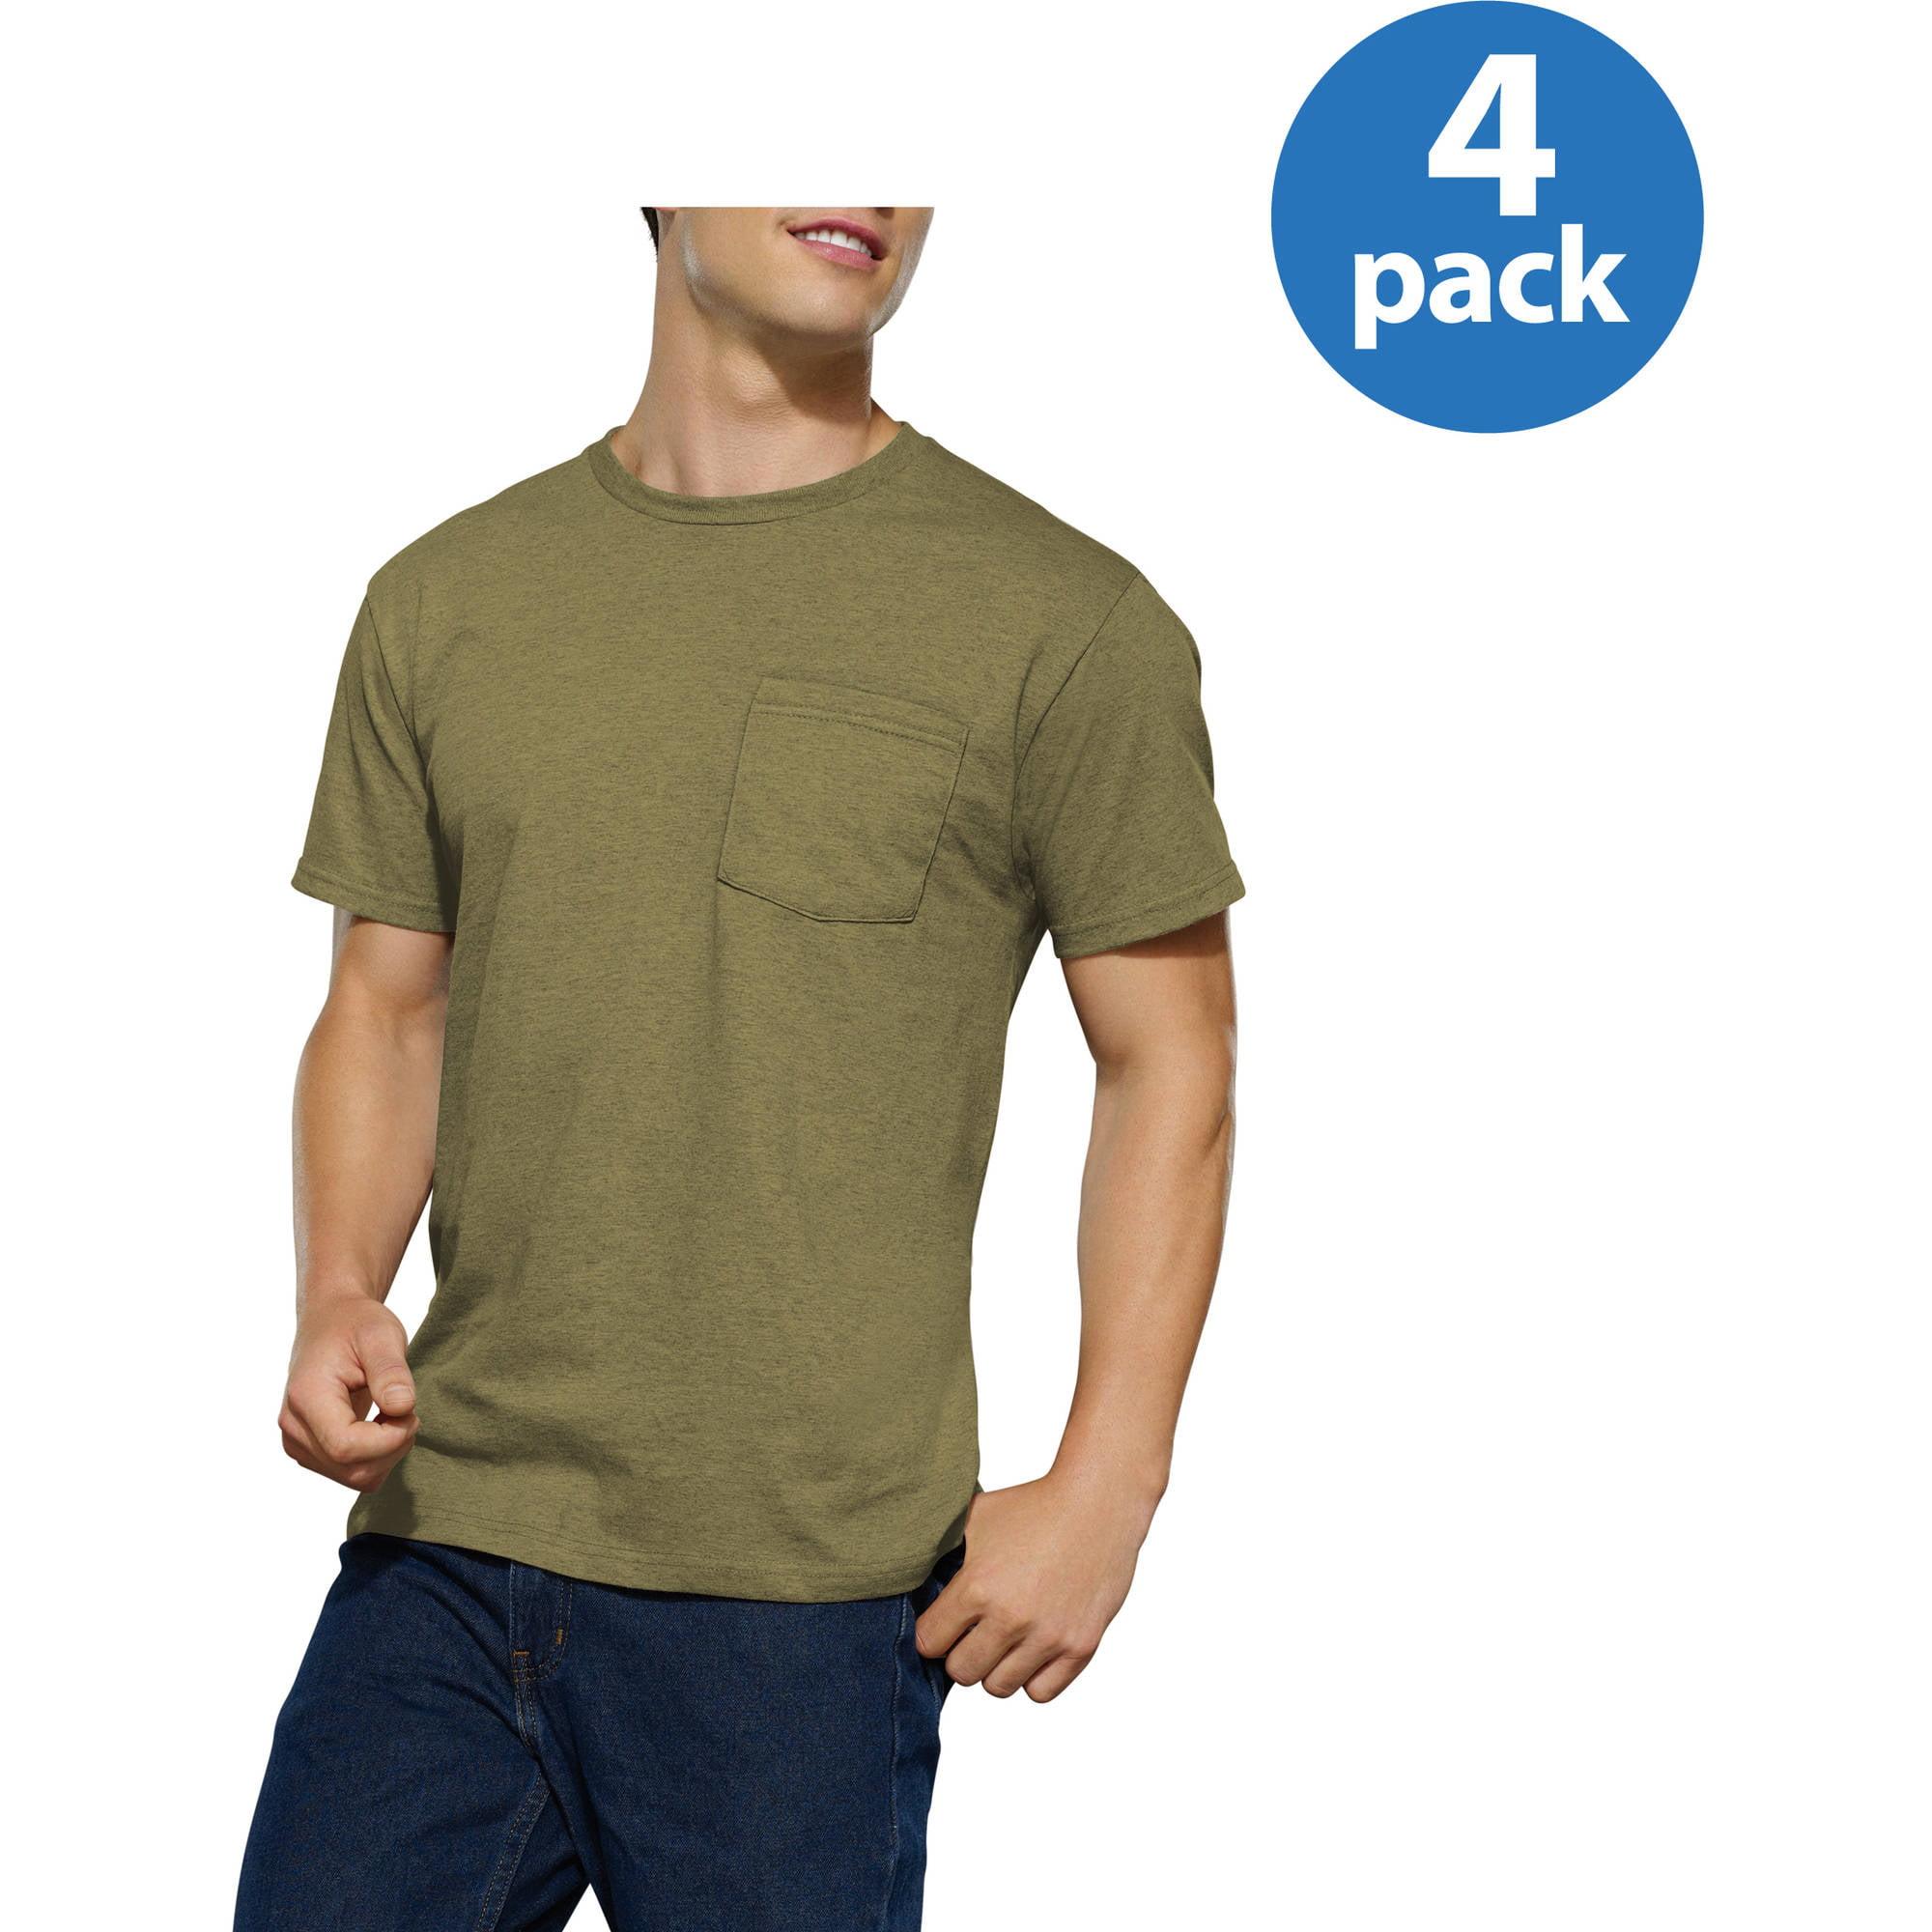 Fruit of the Loom Big Men's Assorted Color Pocket T Shirt, 4 Pack